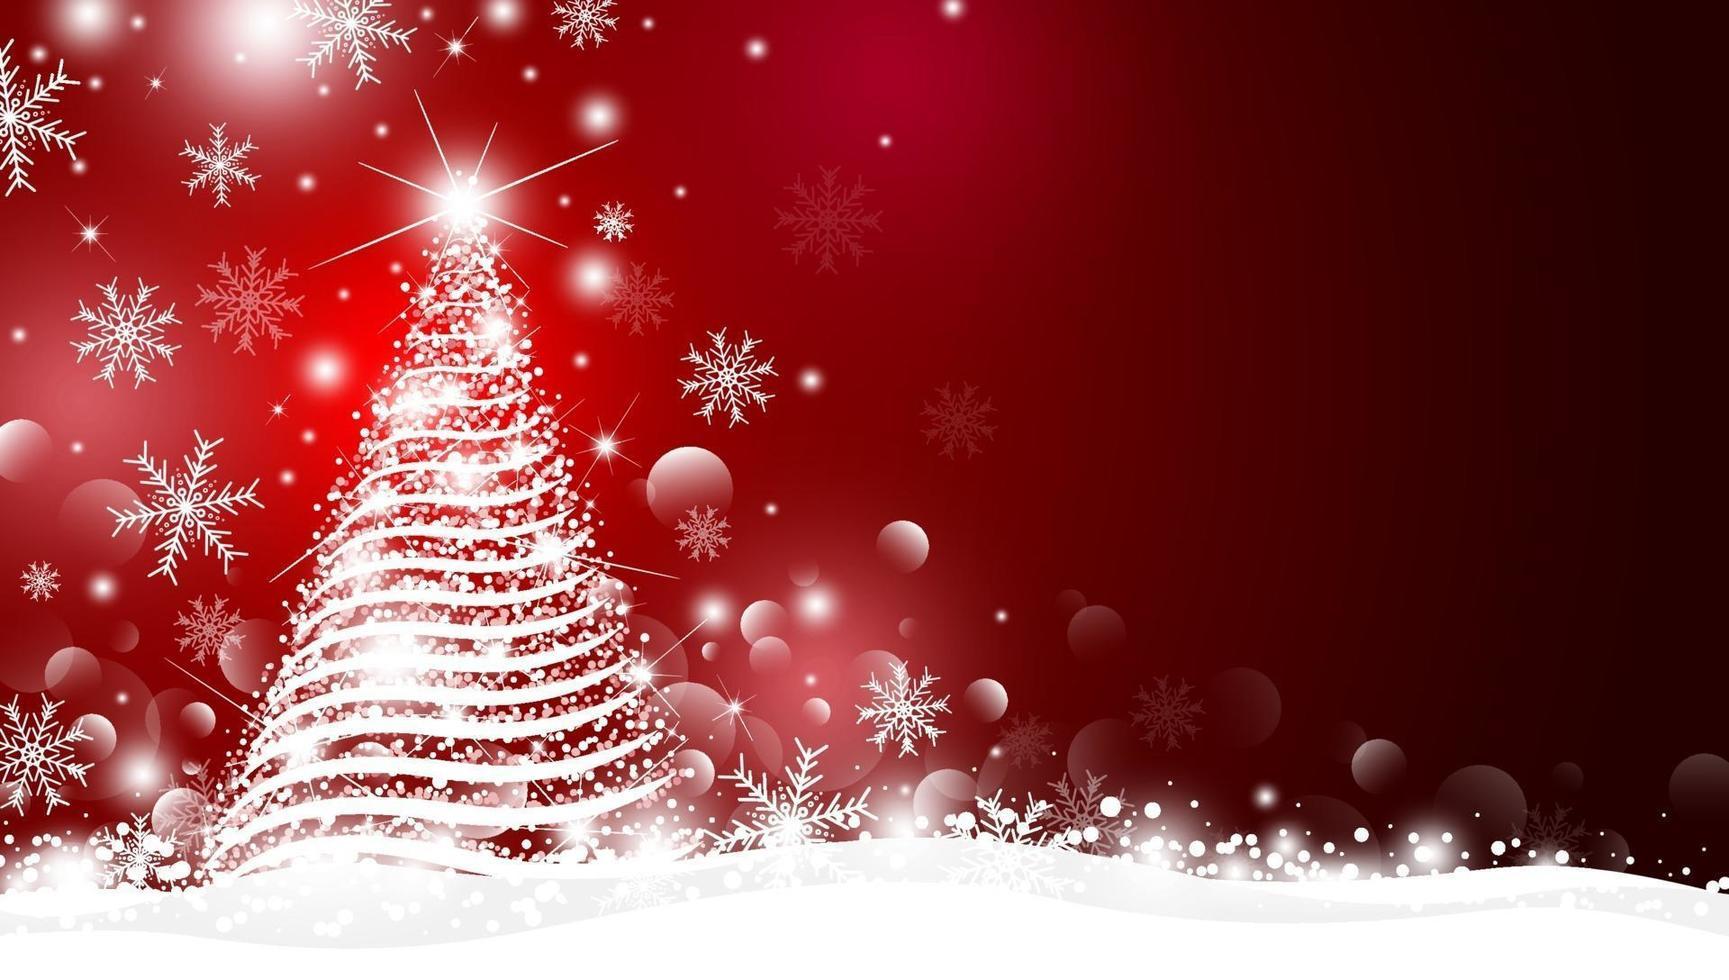 árbol de navidad y luz con diseño bokeh sobre fondo rojo ilustración vectorial vector